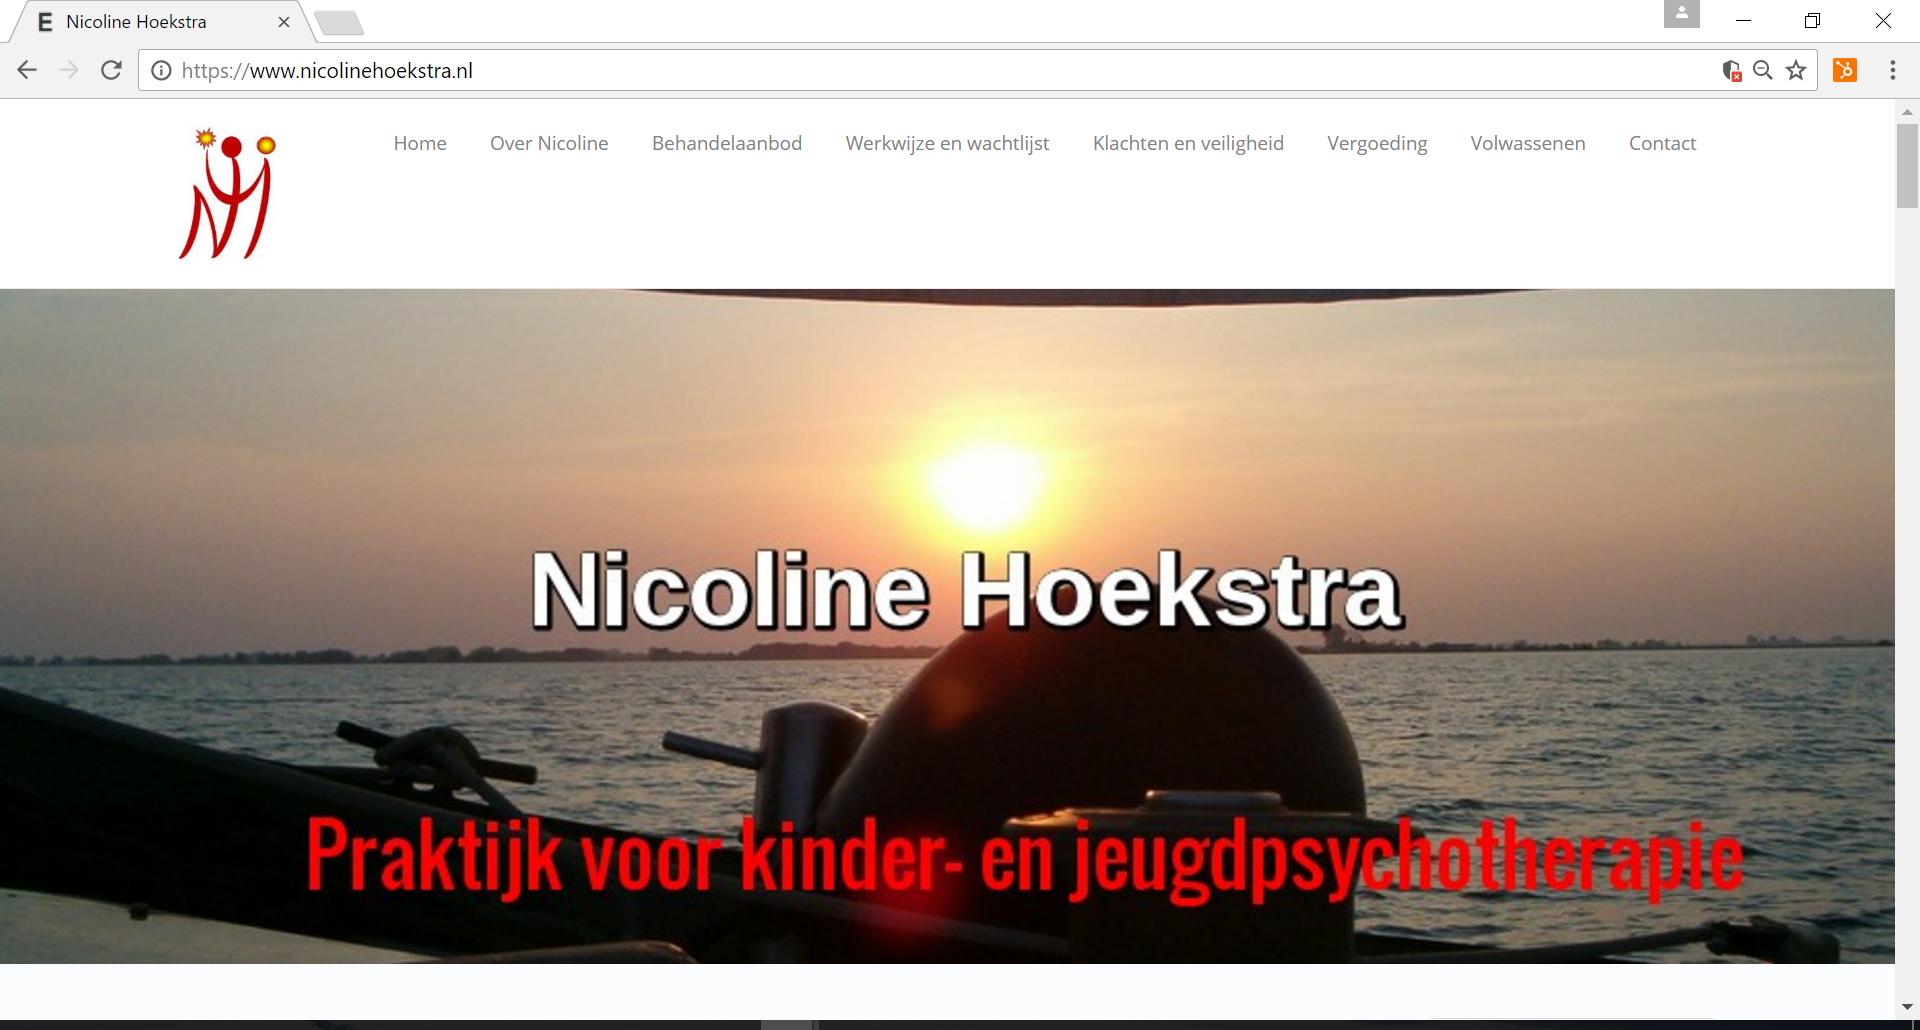 Nicoline Hoekstra kinder- en jeugdpsychotherapie Deventer